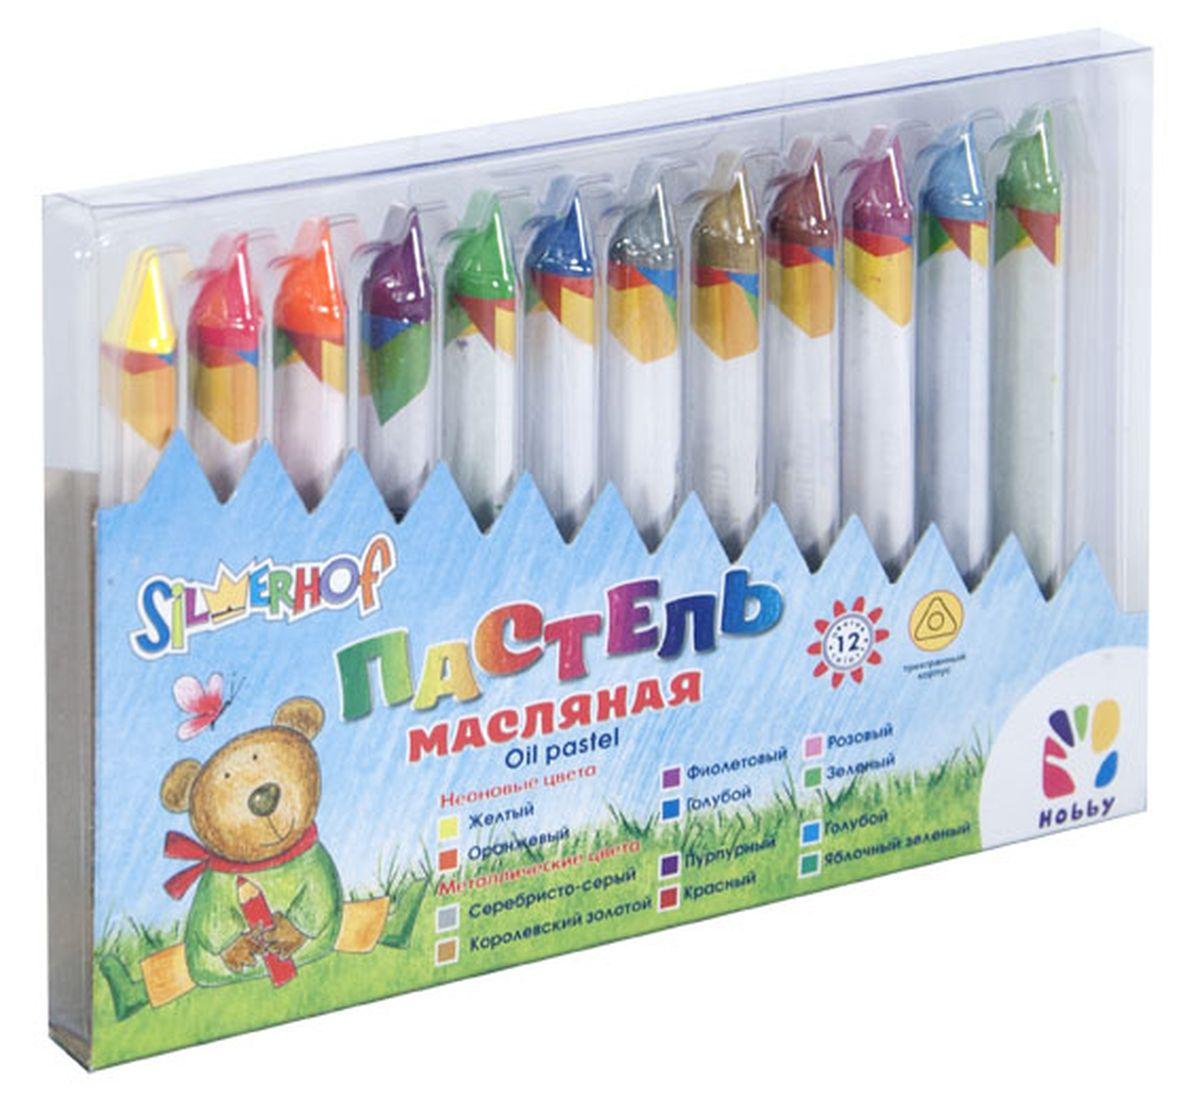 Silwerhof Пастель масляная Hobby Neon Metallic 12 цветов882082-03Набор Silwerhof содержит масляную пастель (12 ярких активных цветов). Пастель выполнена в виде мелков треугольной формы, каждый из которых обернут в бумажную гильзу. Масляной постелью Silwerhof Hobby можно рисовать в любой технике - в сочетании с цветными карандашами и красками. При работе рекомендуется использовать шероховатые поверхности - специальную бумагу, картон, холст.